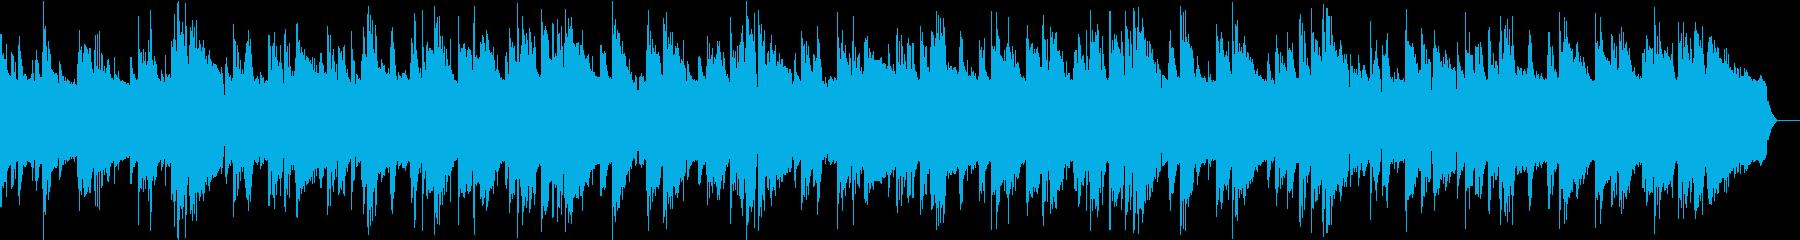 ジャズブルースのBGMの再生済みの波形